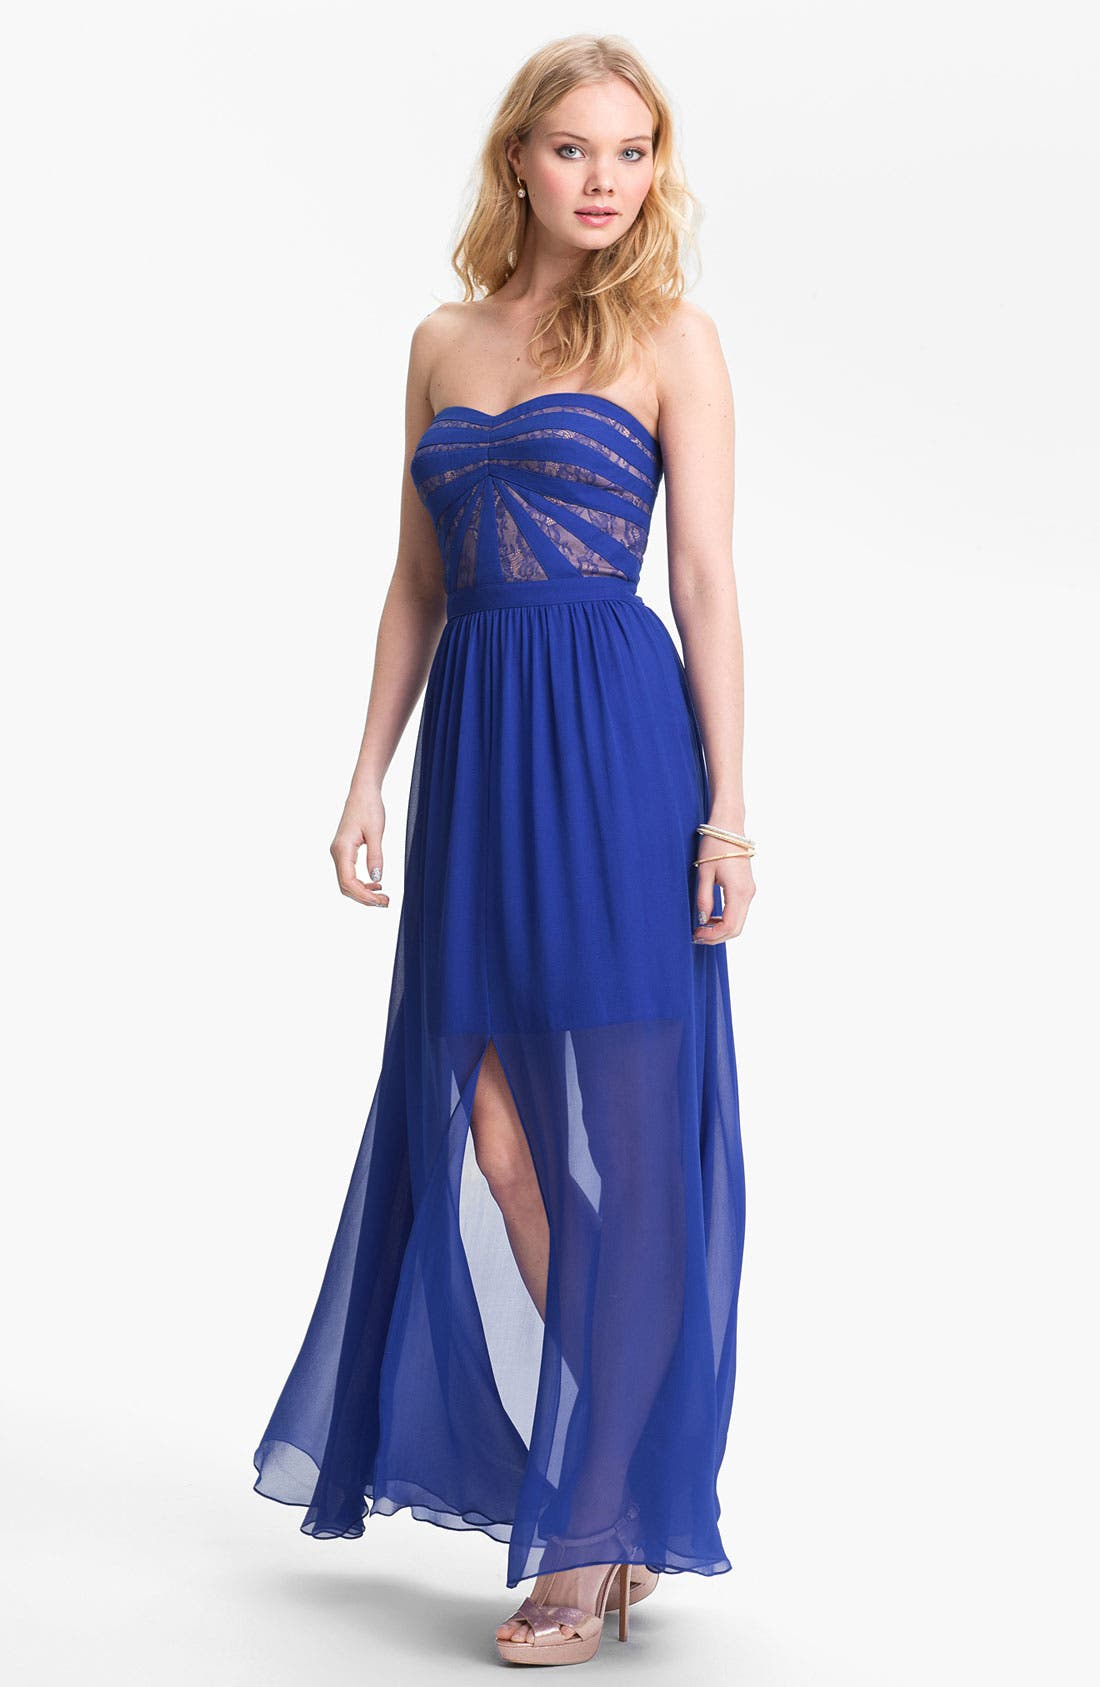 Alternate Image 1 Selected - Aidan by Aidan Mattox Strapless Lace & Chiffon Dress